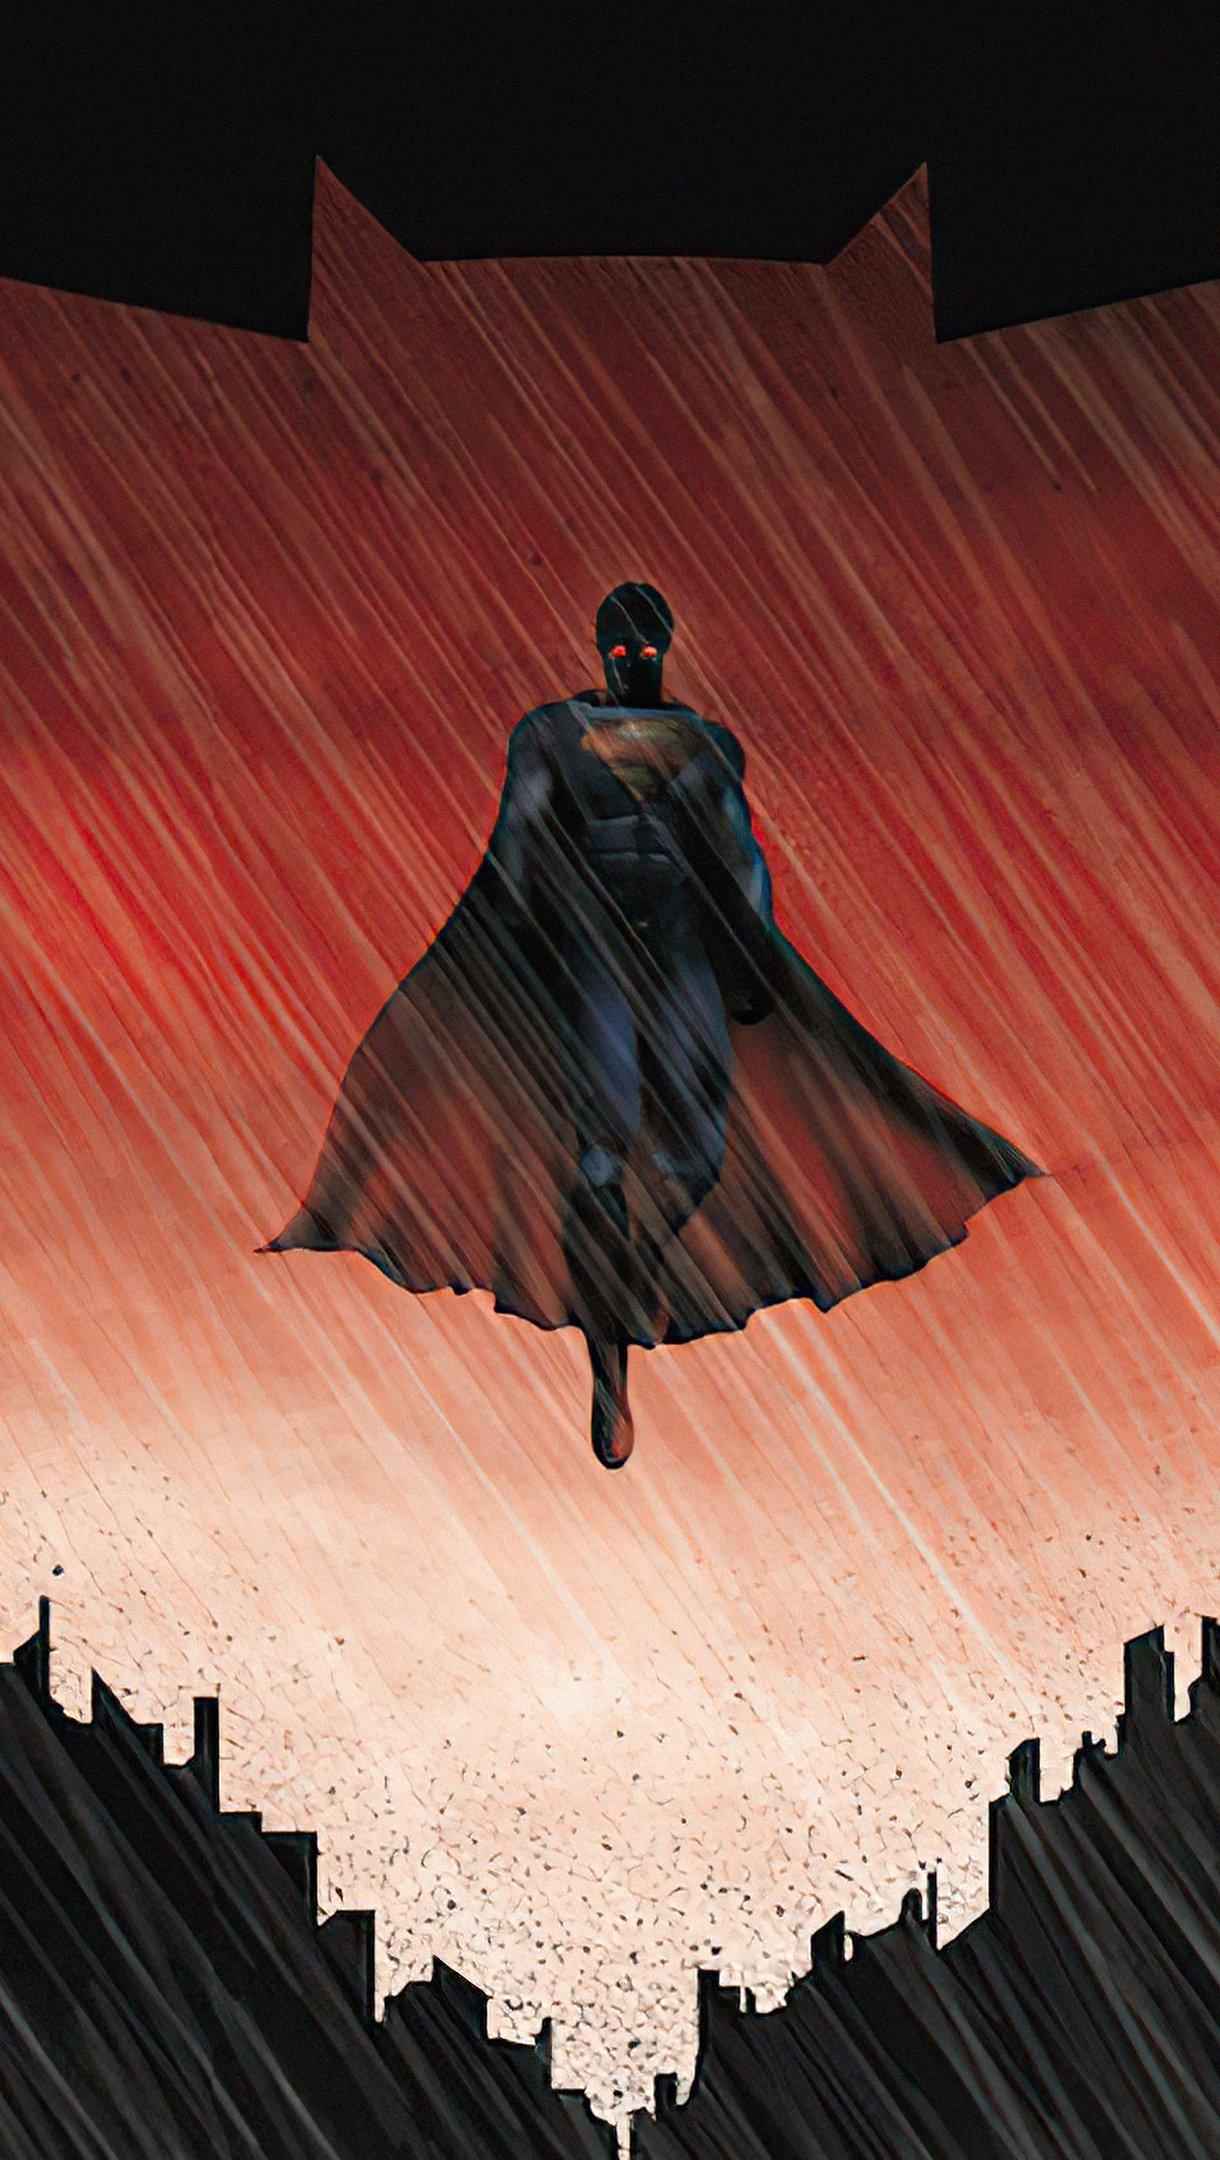 Wallpaper Superman inside Batman logo Vertical